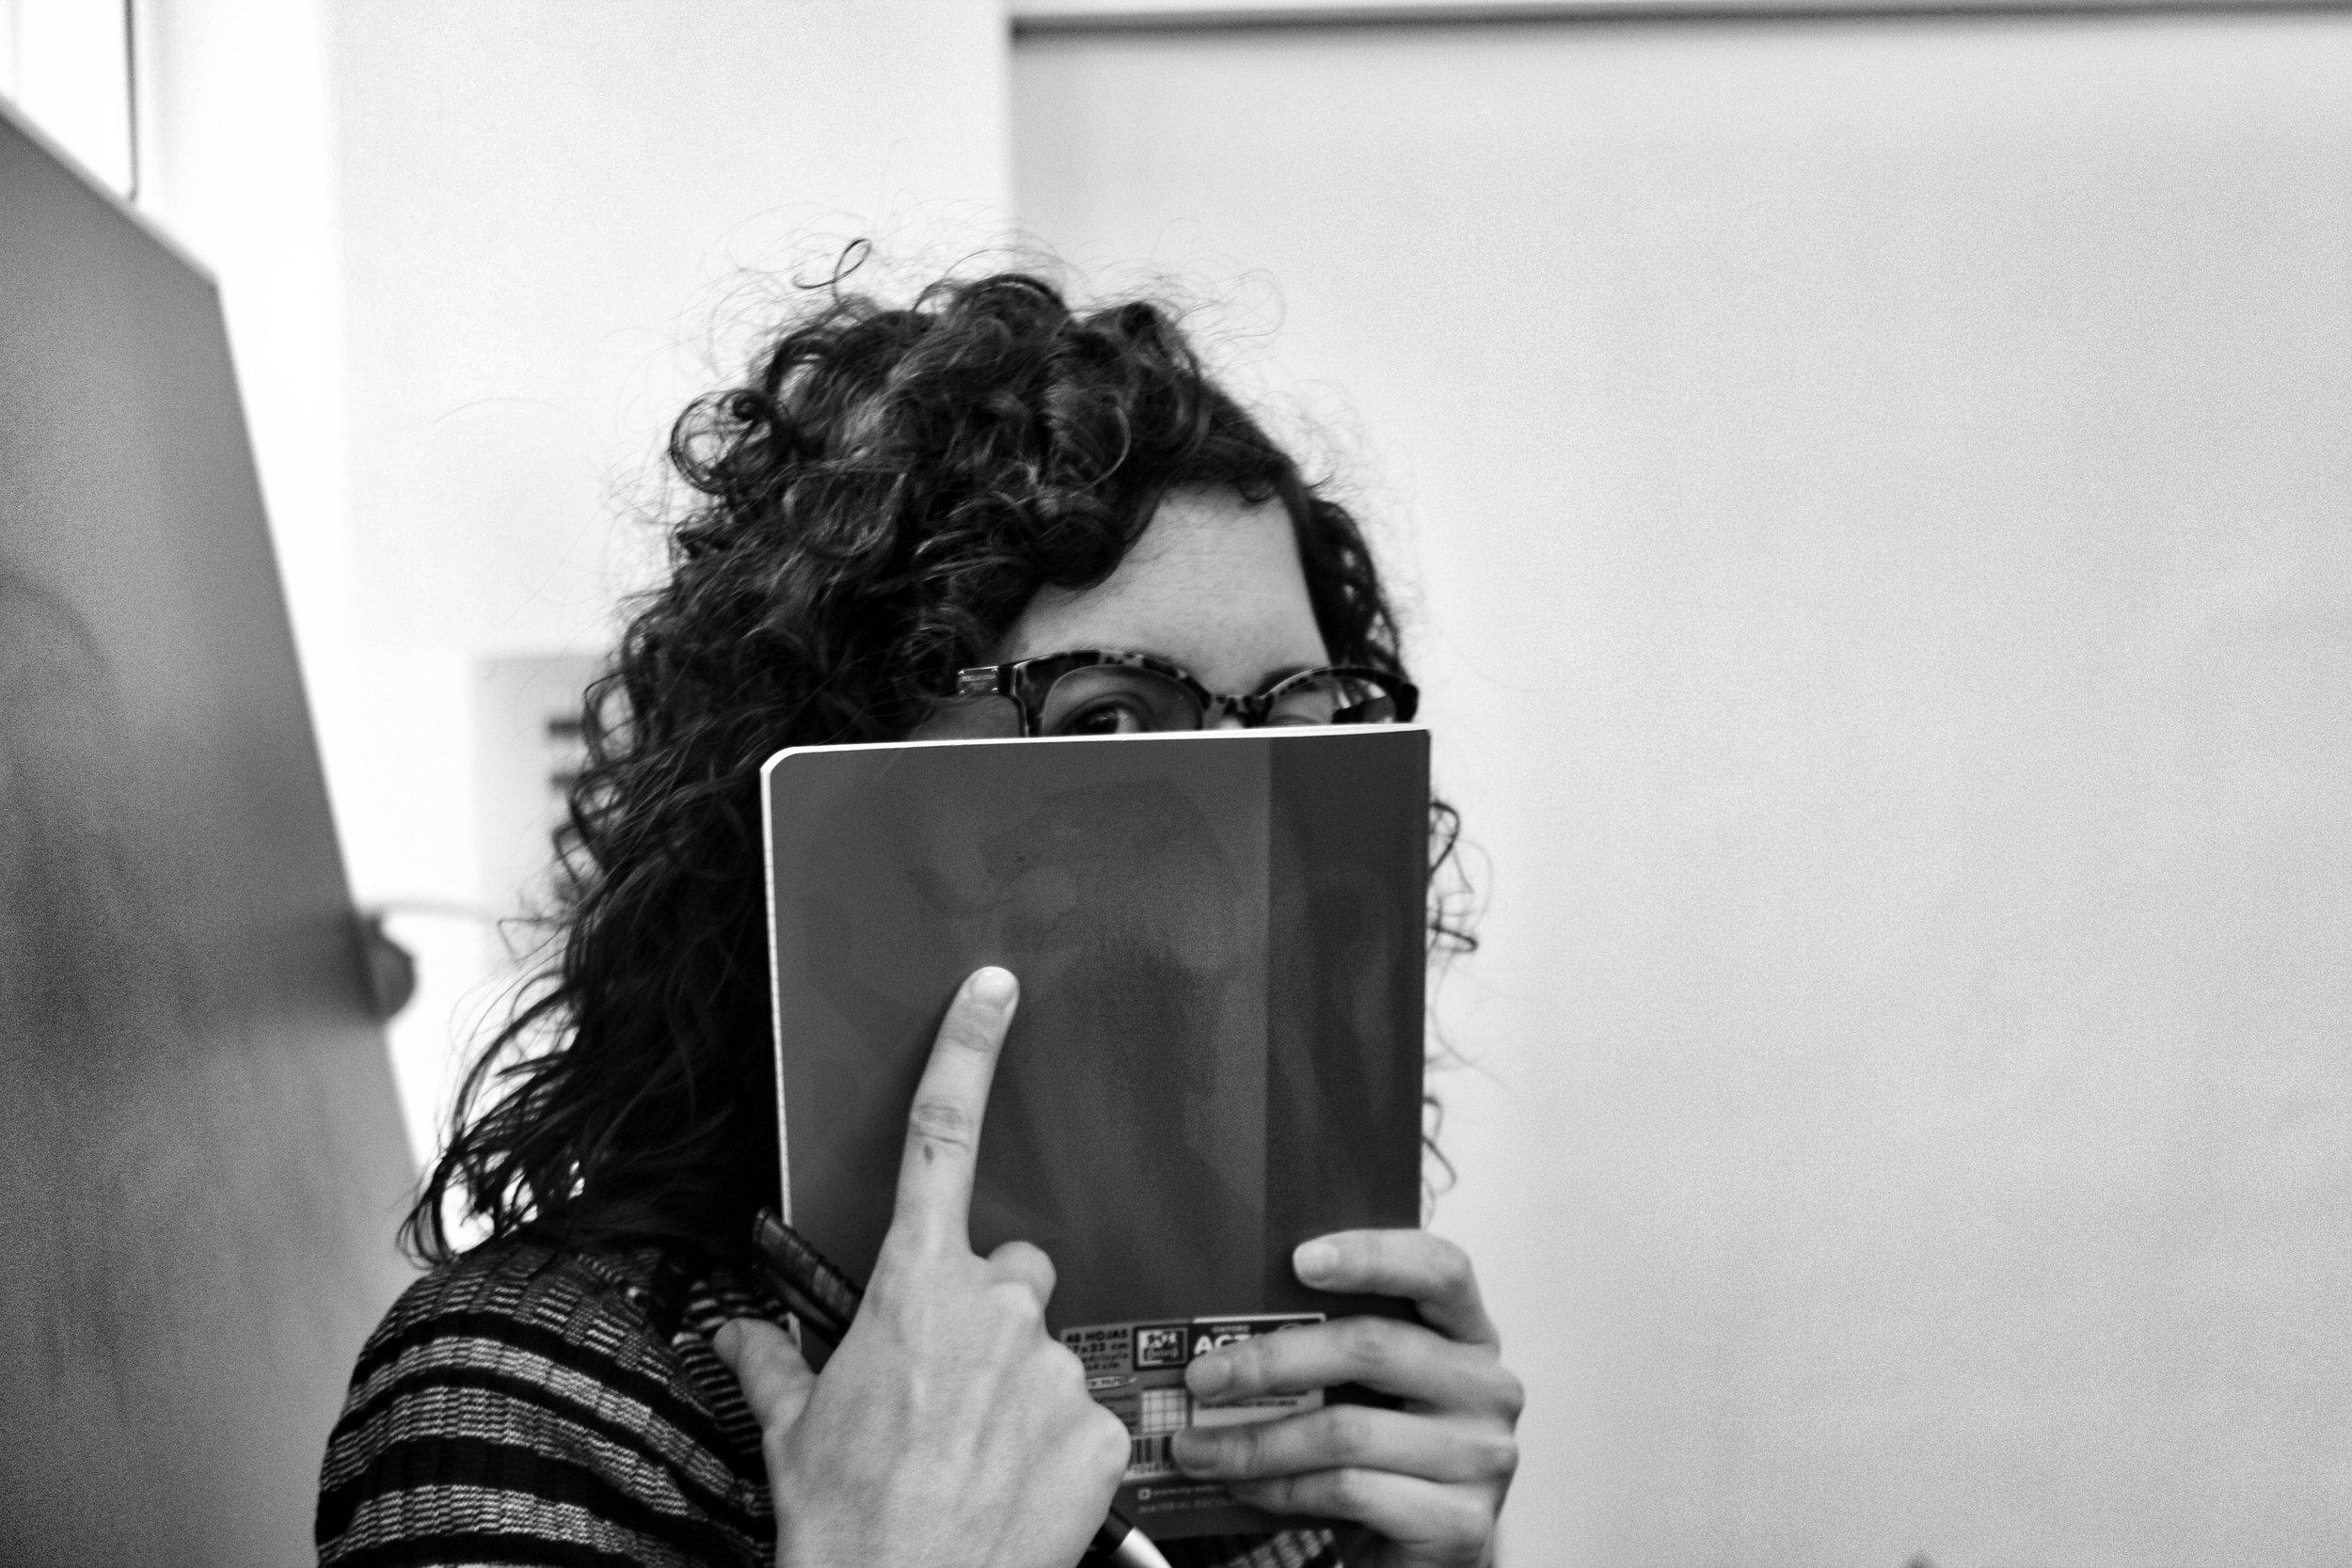 Elena Castroviejo-Miró